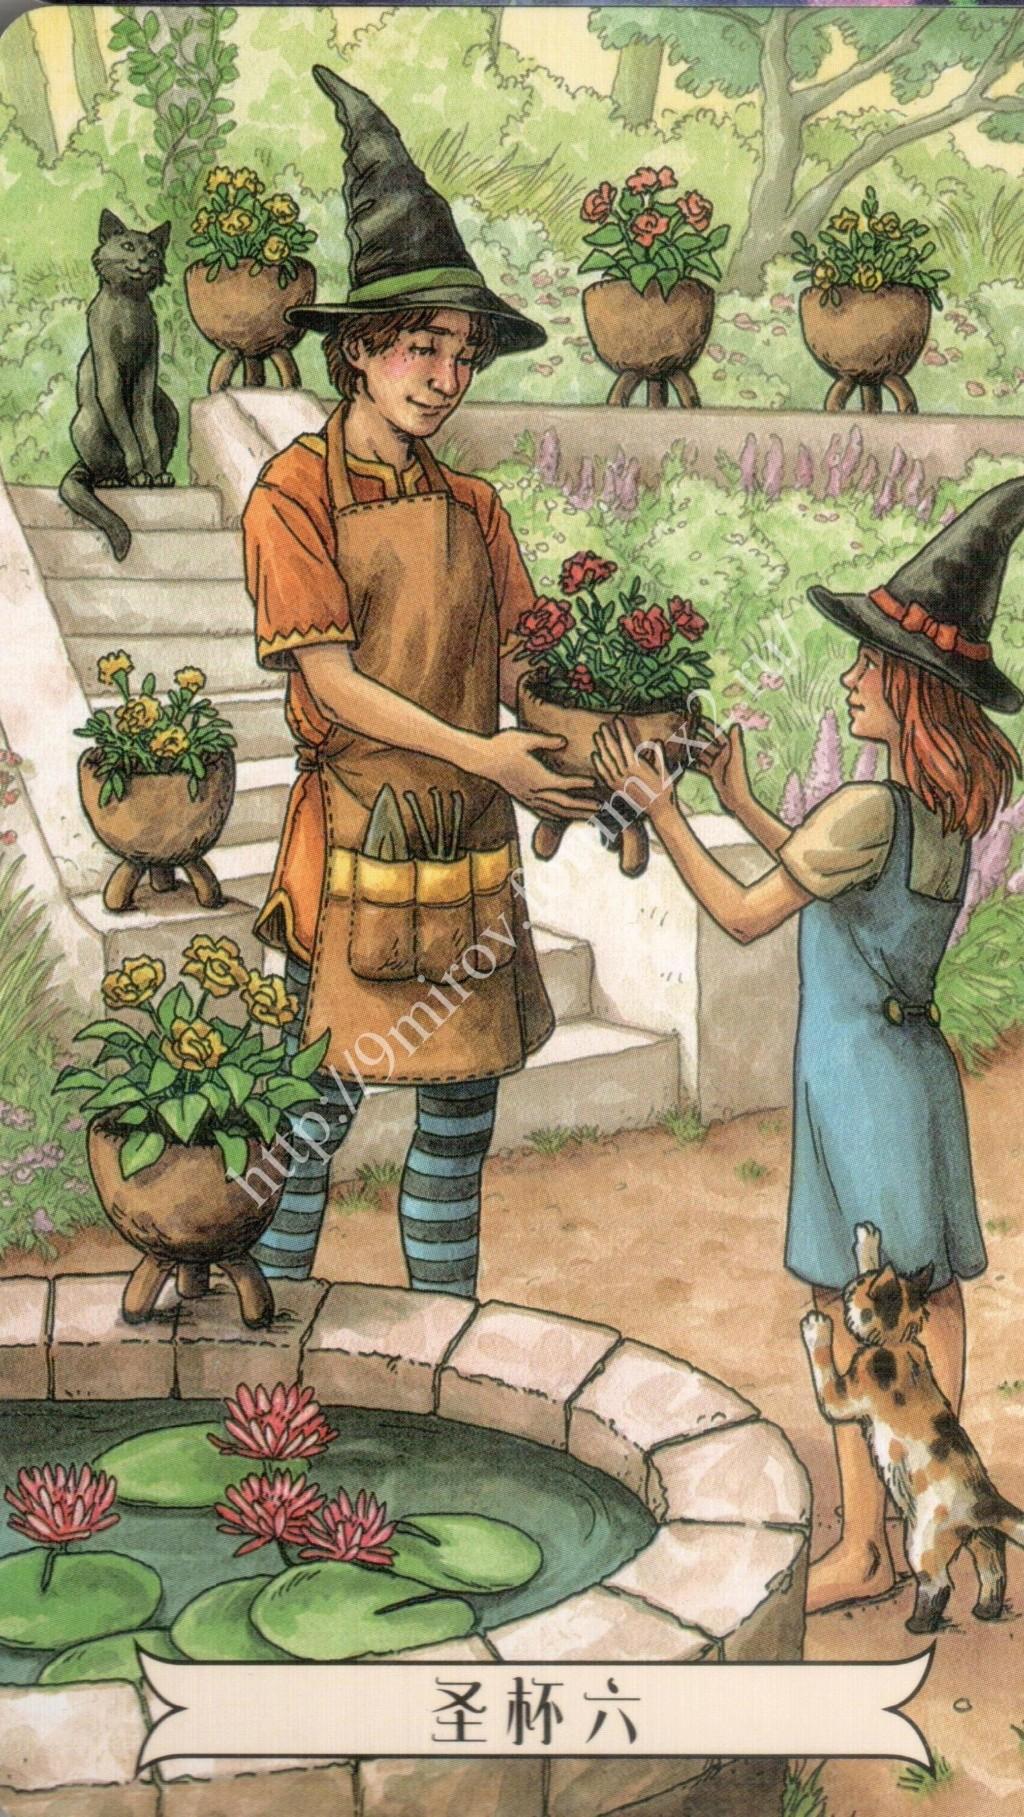 """""""Ведьма каждый день"""" (Ведьма день за днем, Everyday Witch Tarot). Китайская версия. Галерея.   Waterm37"""